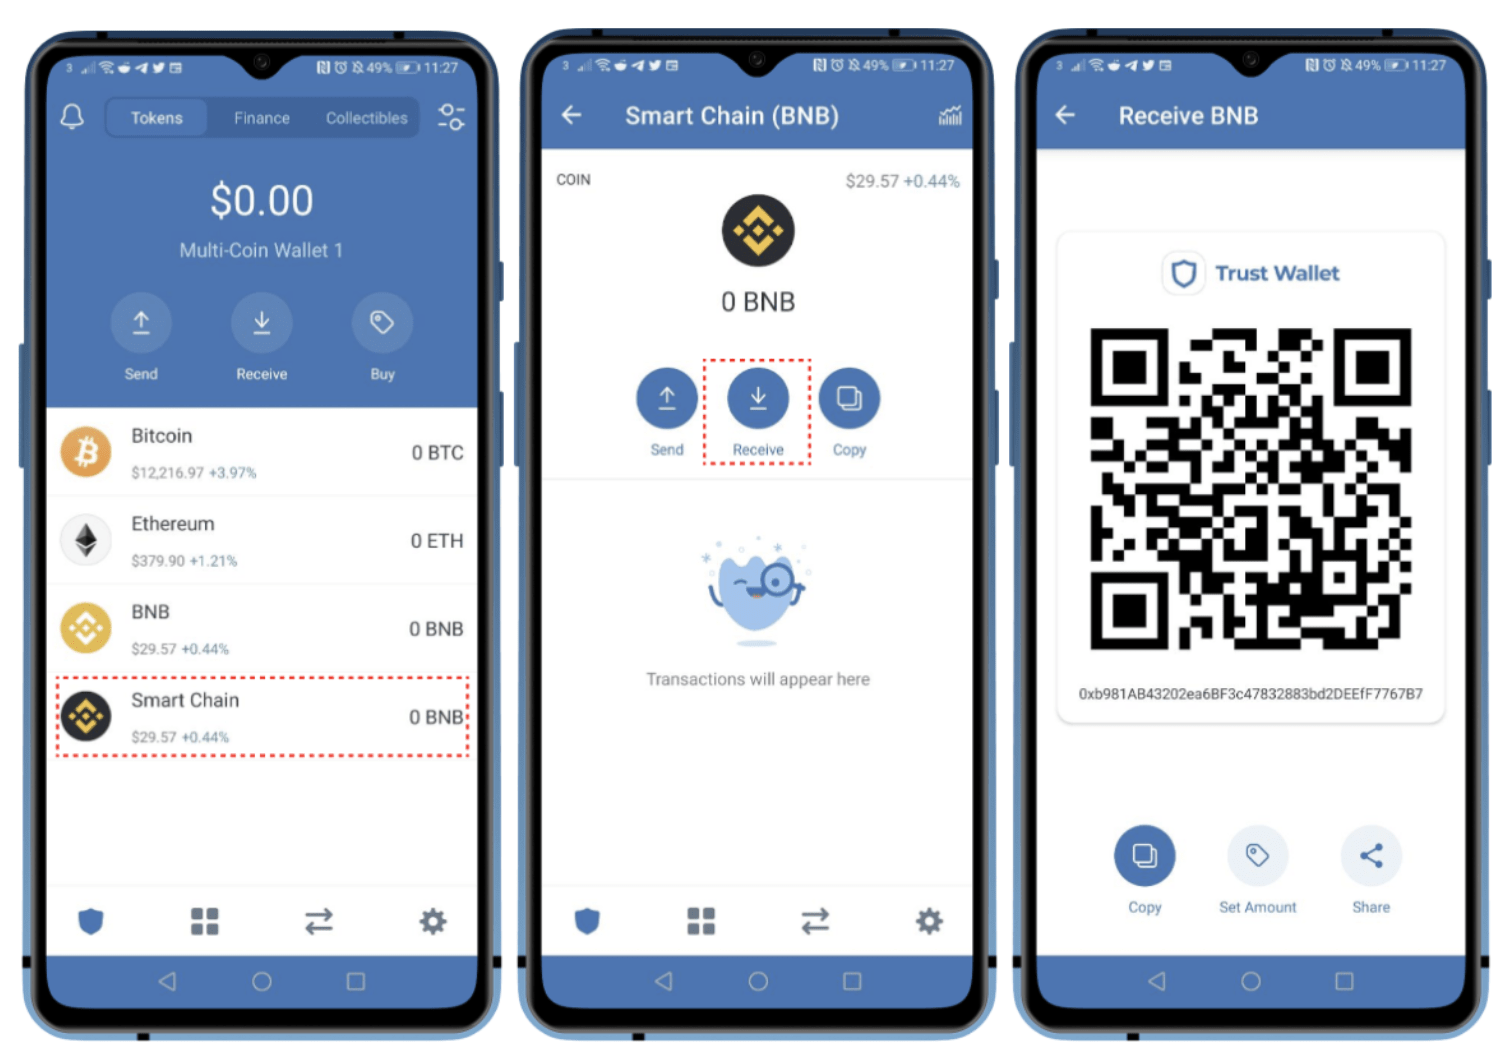 Bạn nạp BNB vào ví để tiếp tục tham gia giao dịch trên ứng dụng